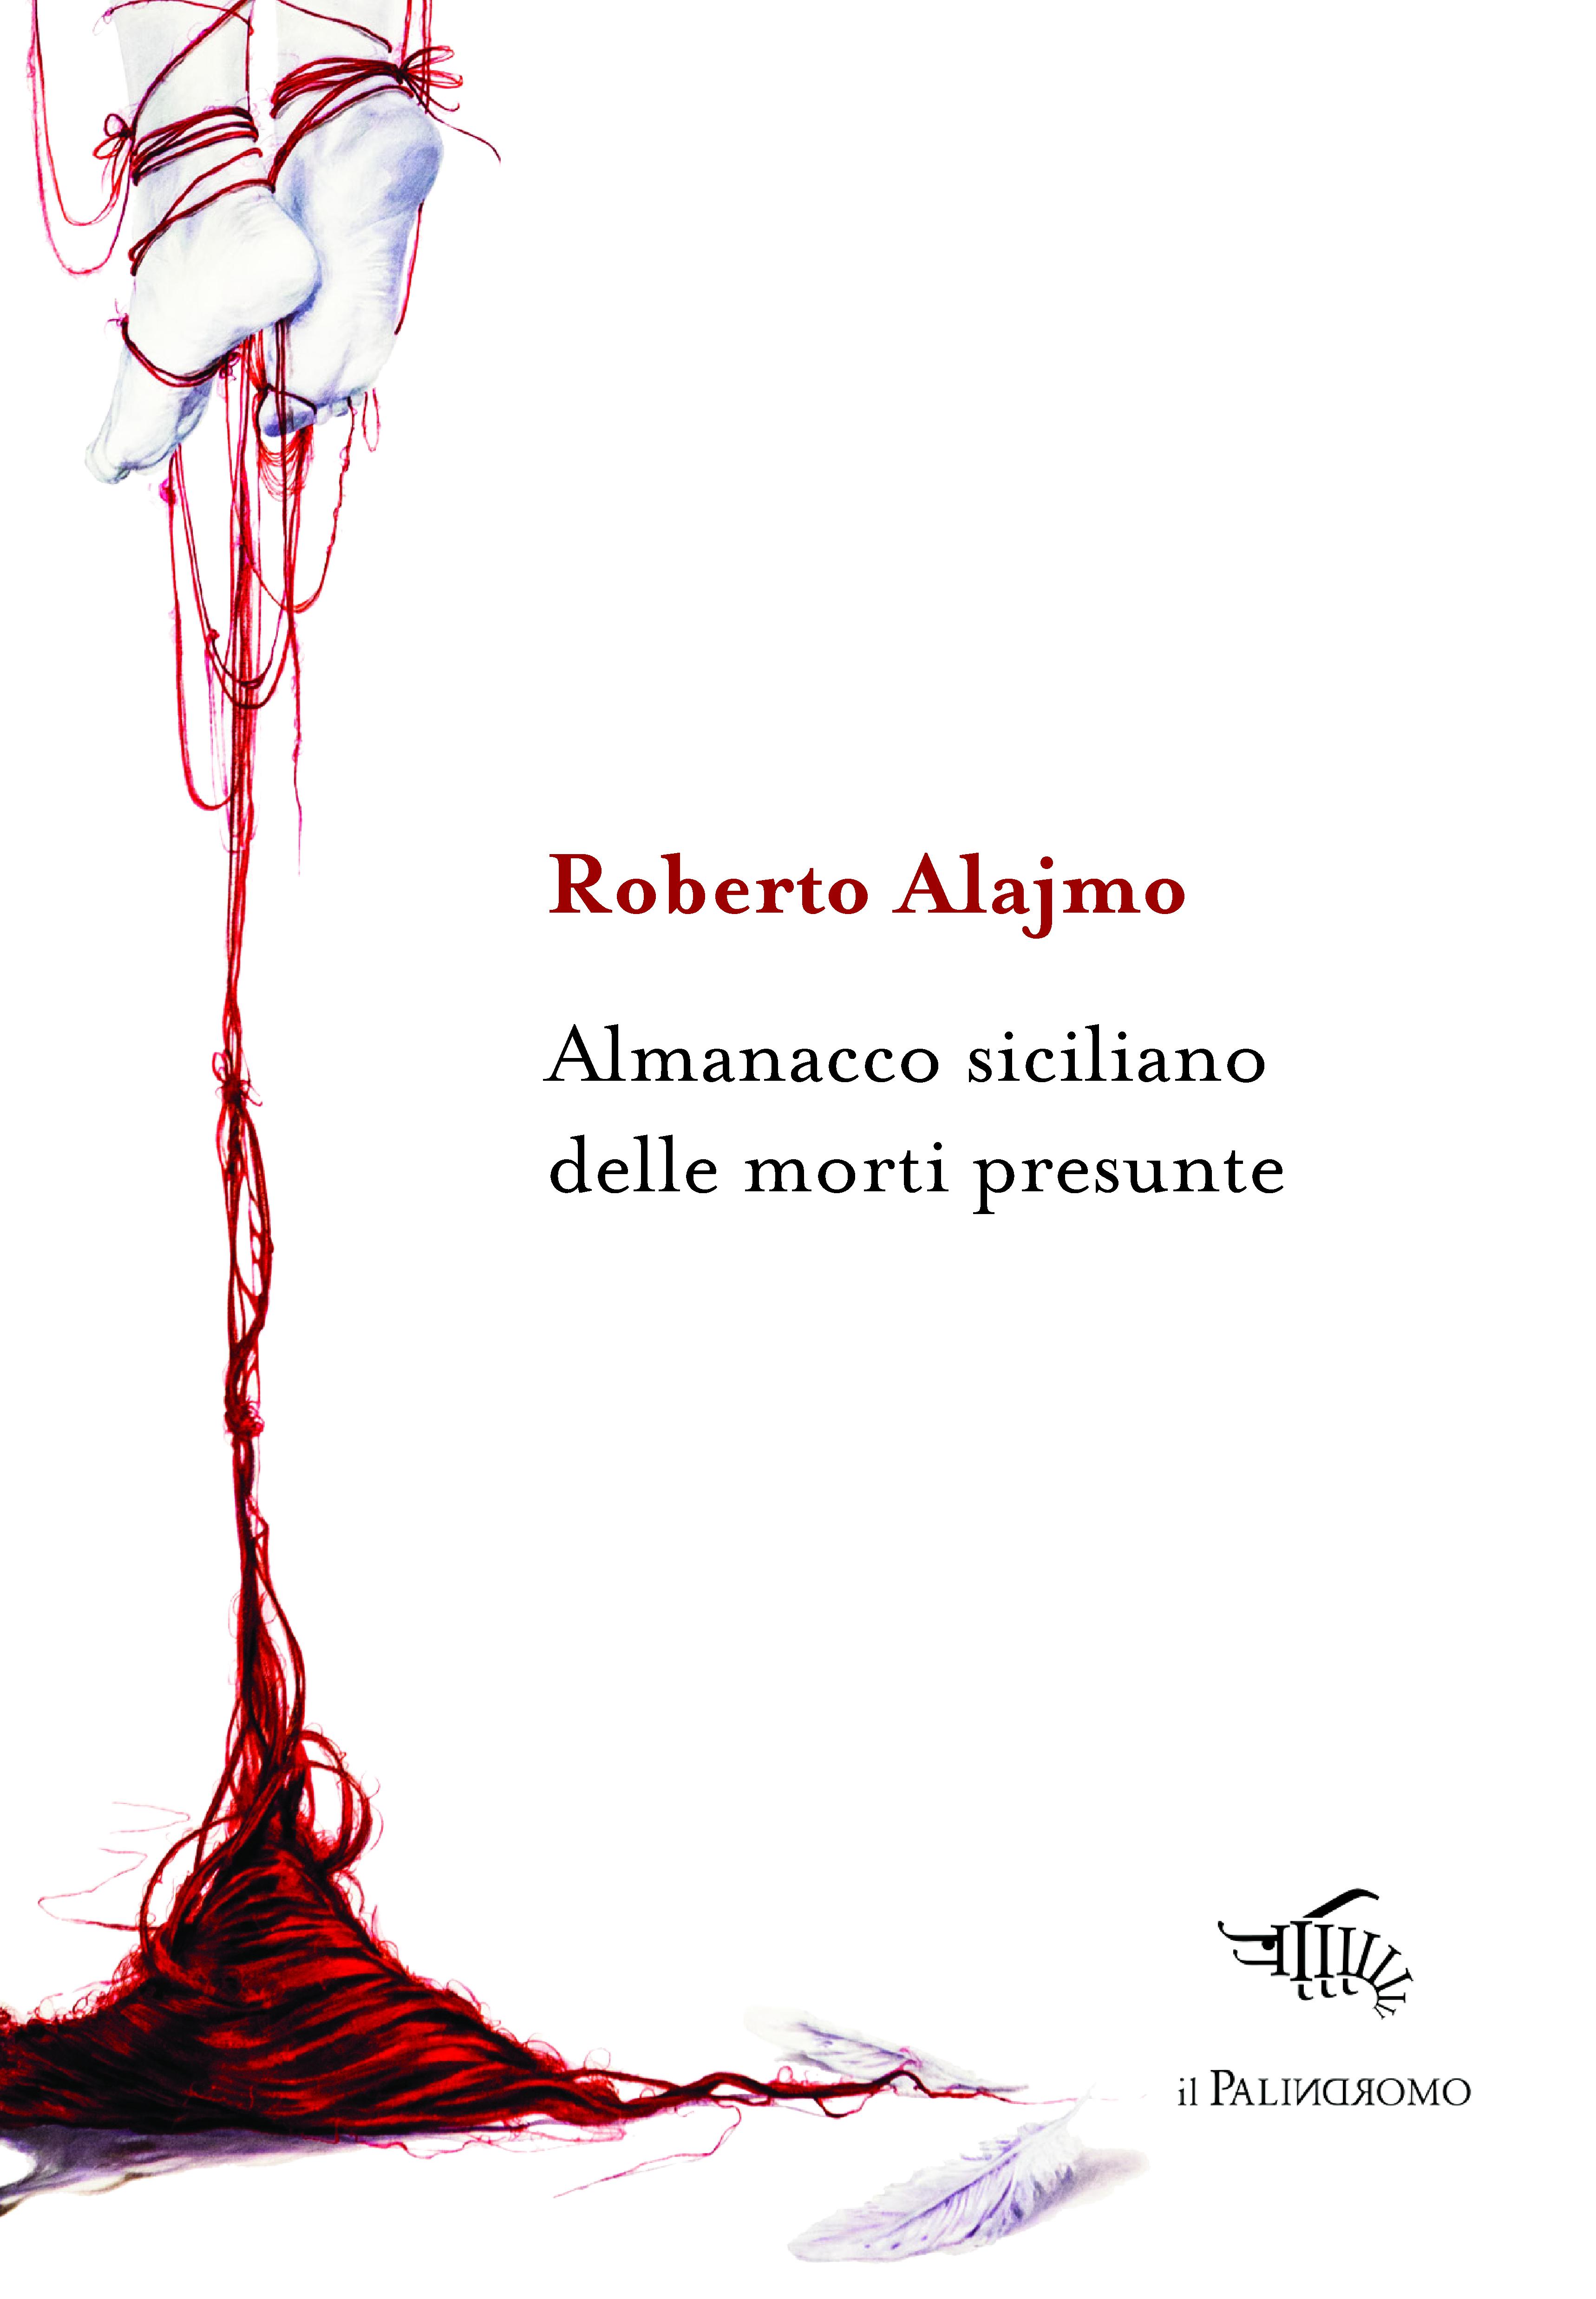 Autore: Roberto Alajmo